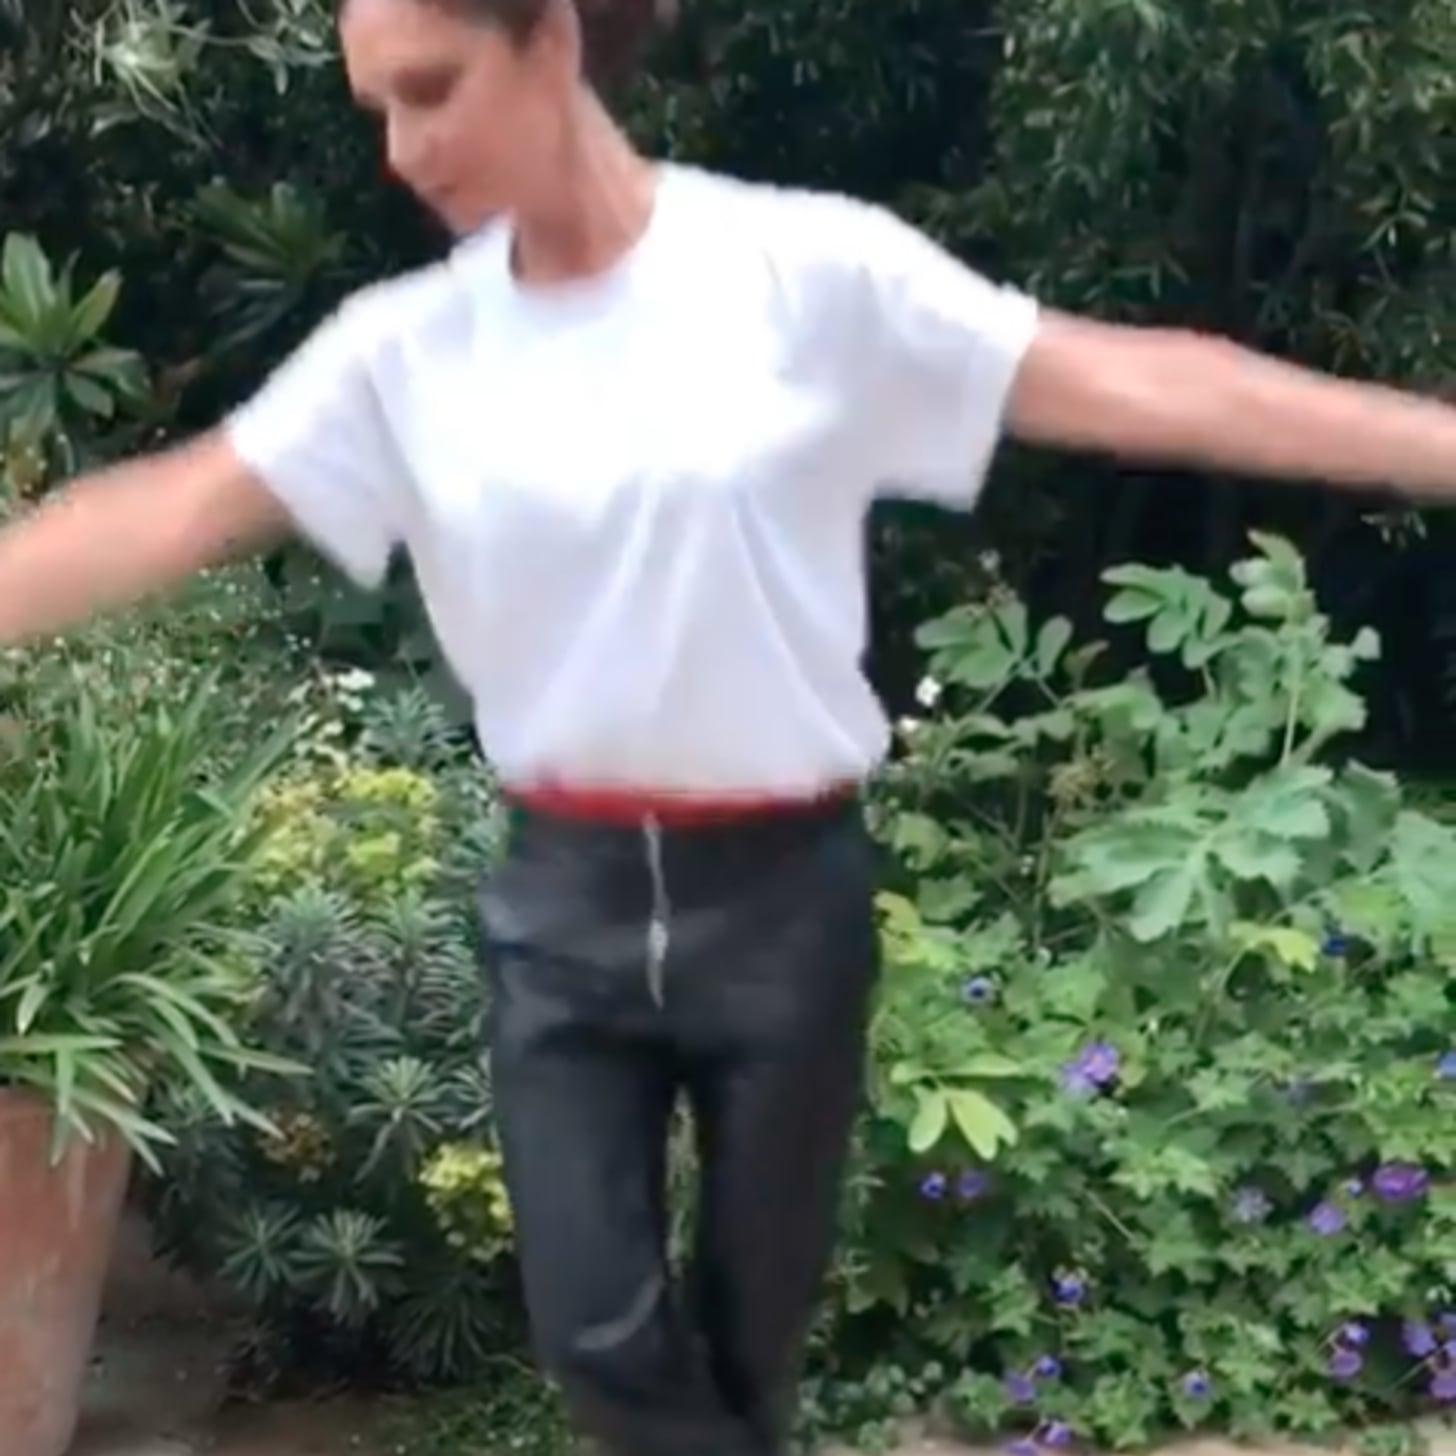 0bad57c618 Victoria Beckham Doing Ballet Instagram Video | POPSUGAR Celebrity